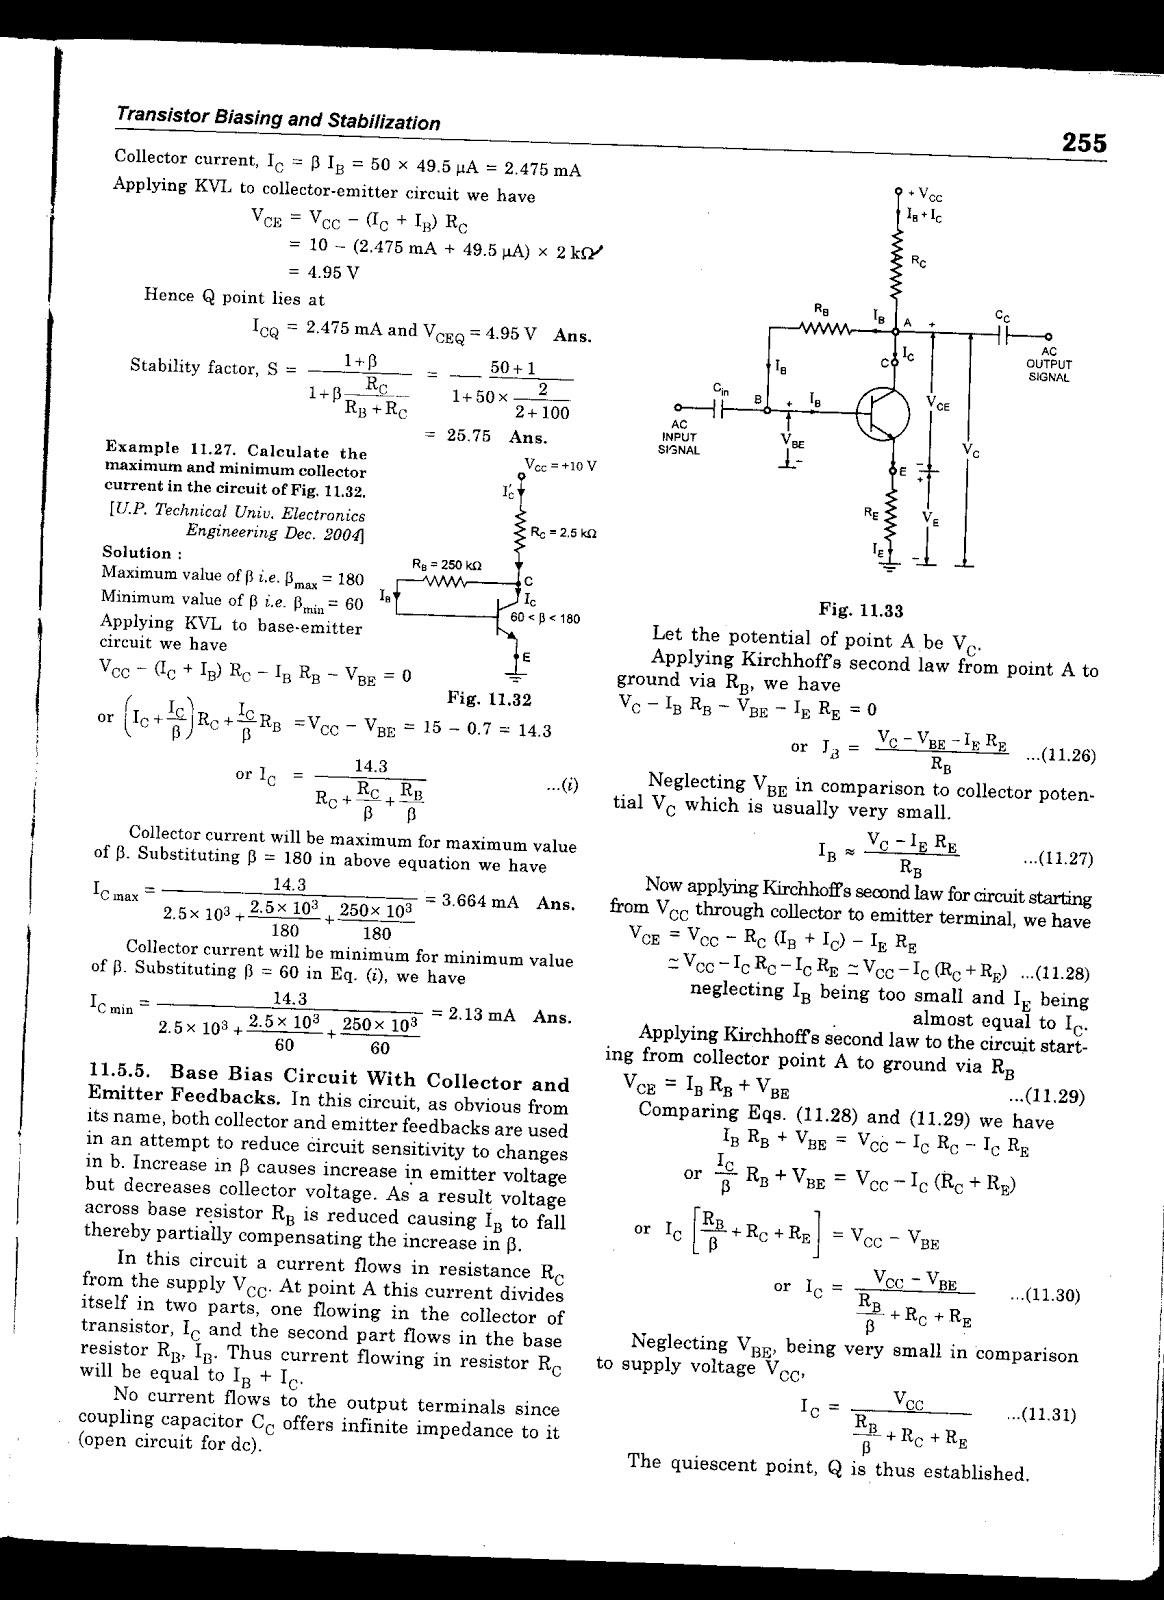 Transistor Biasing Circuits Jbgupta Electrical Engg Lectures Electronic Circuit By Jb Gupta Posted 16th November 2012 Ramasubramanian S